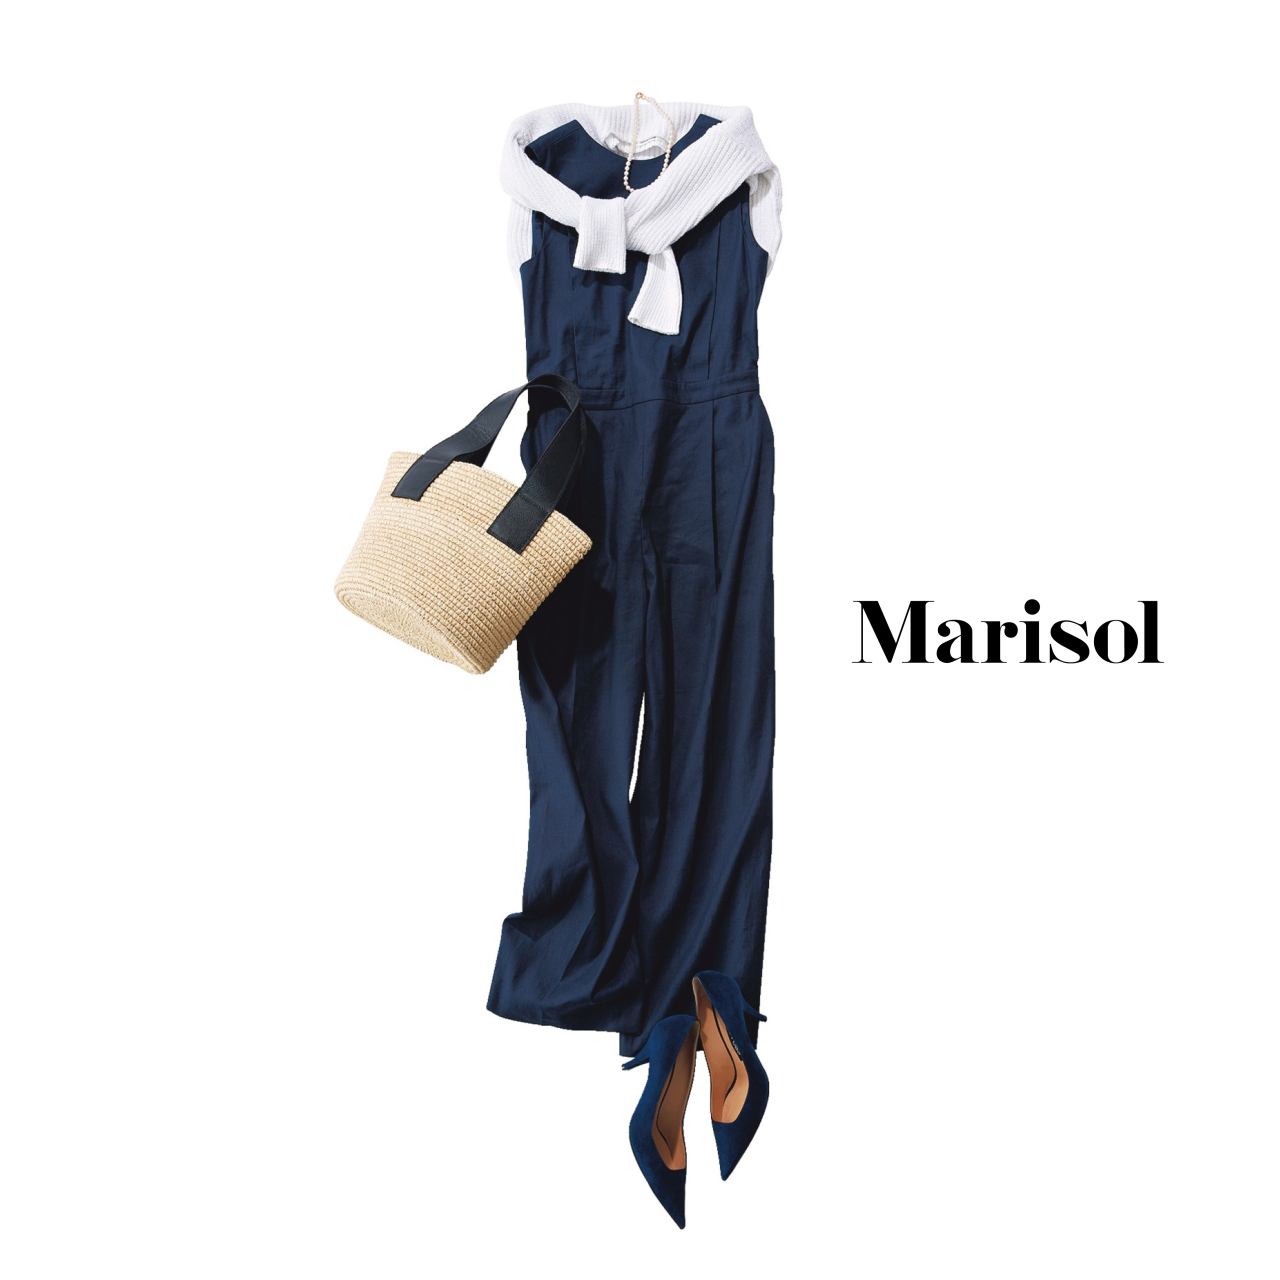 40代ファッション ネイビーオールインワン パンツコーデ